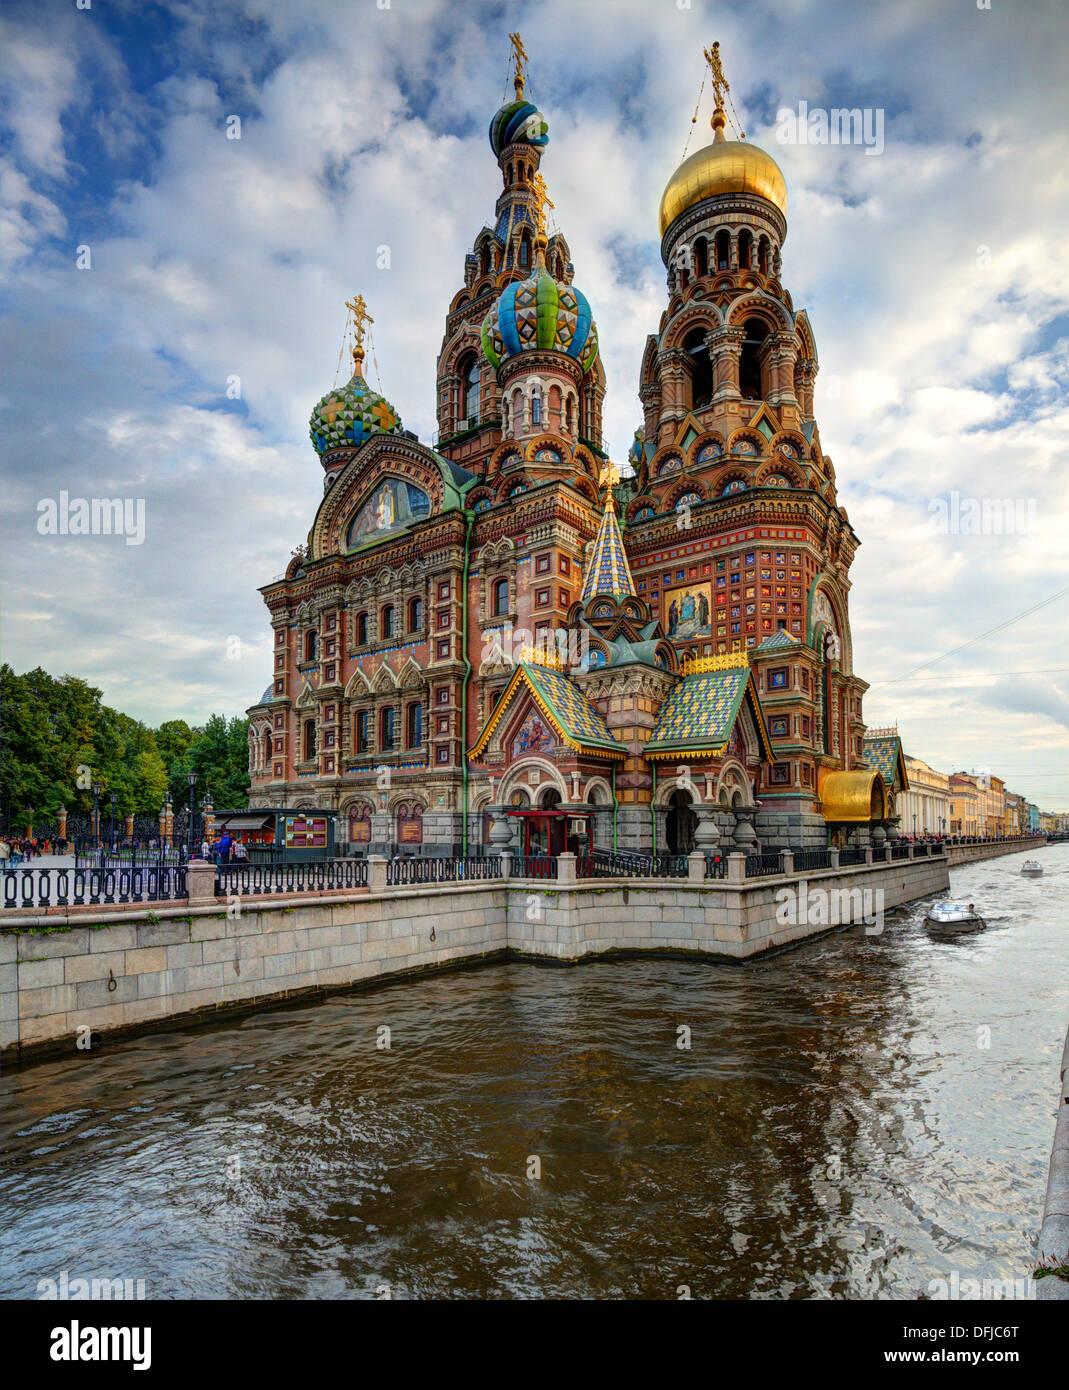 Eglise du Sauveur sur le sang à Saint-Pétersbourg, en Russie. Photo Stock